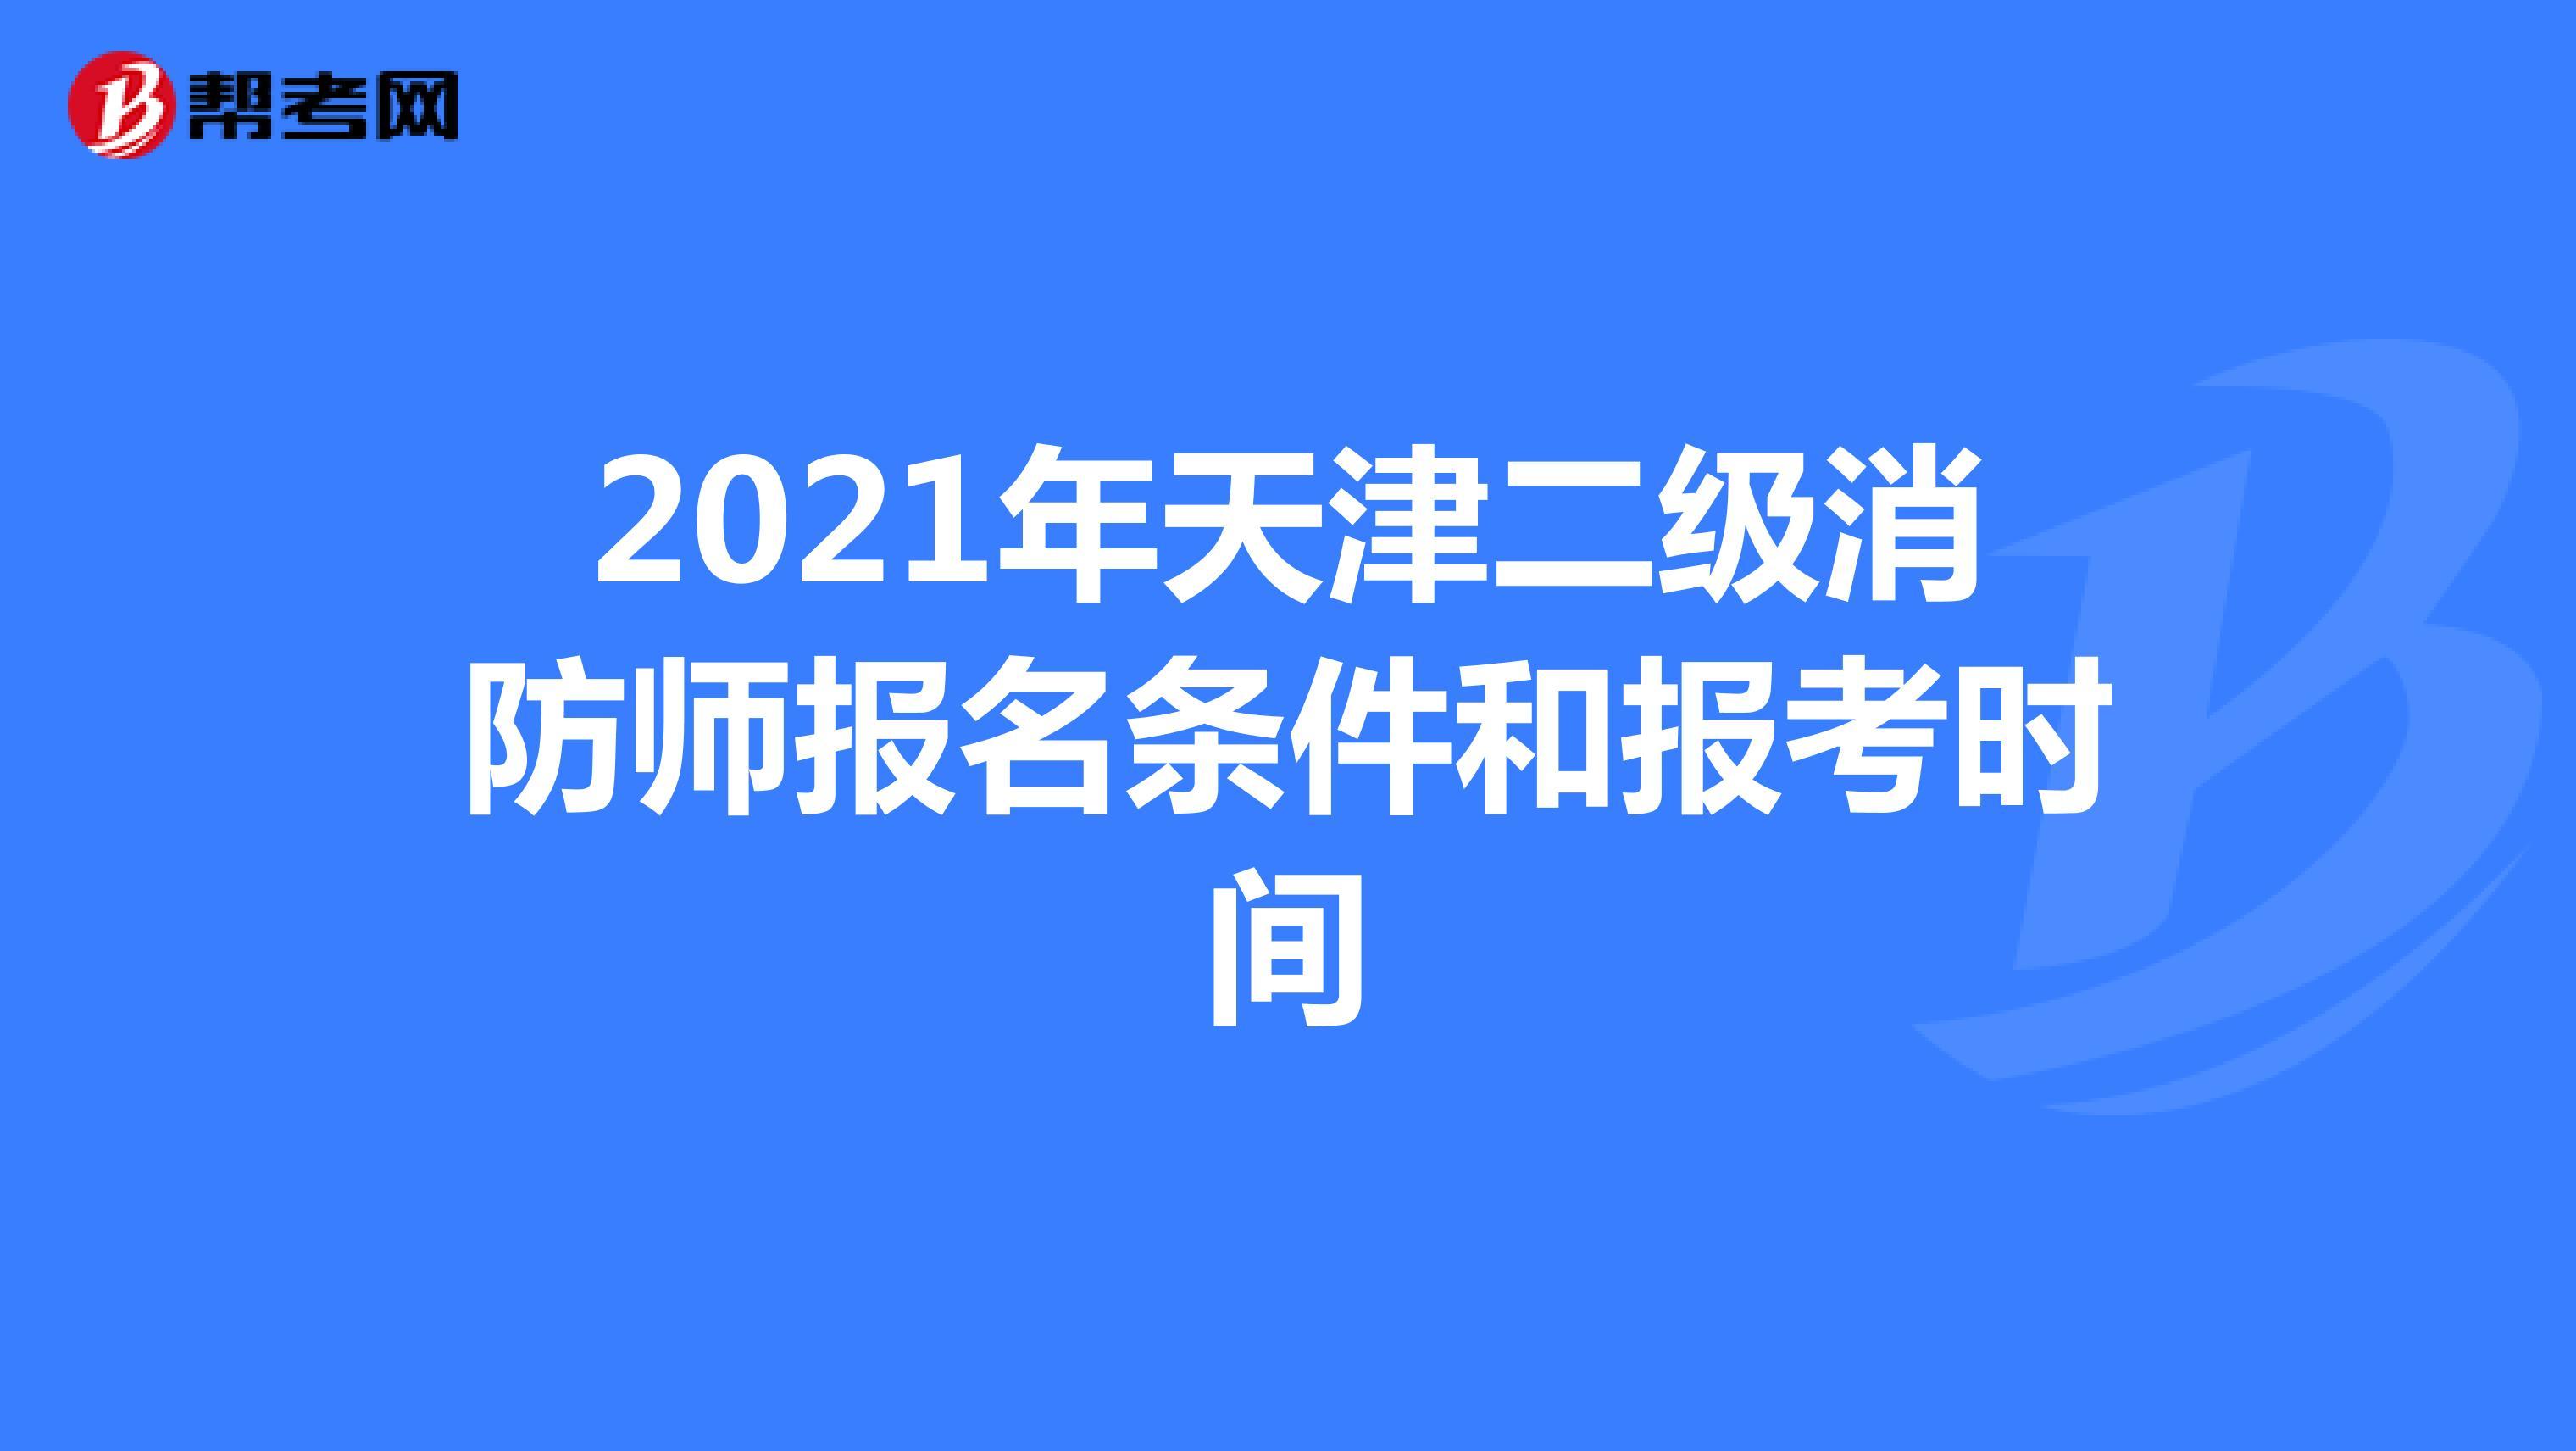 2021年二级消防师报名条件和时间